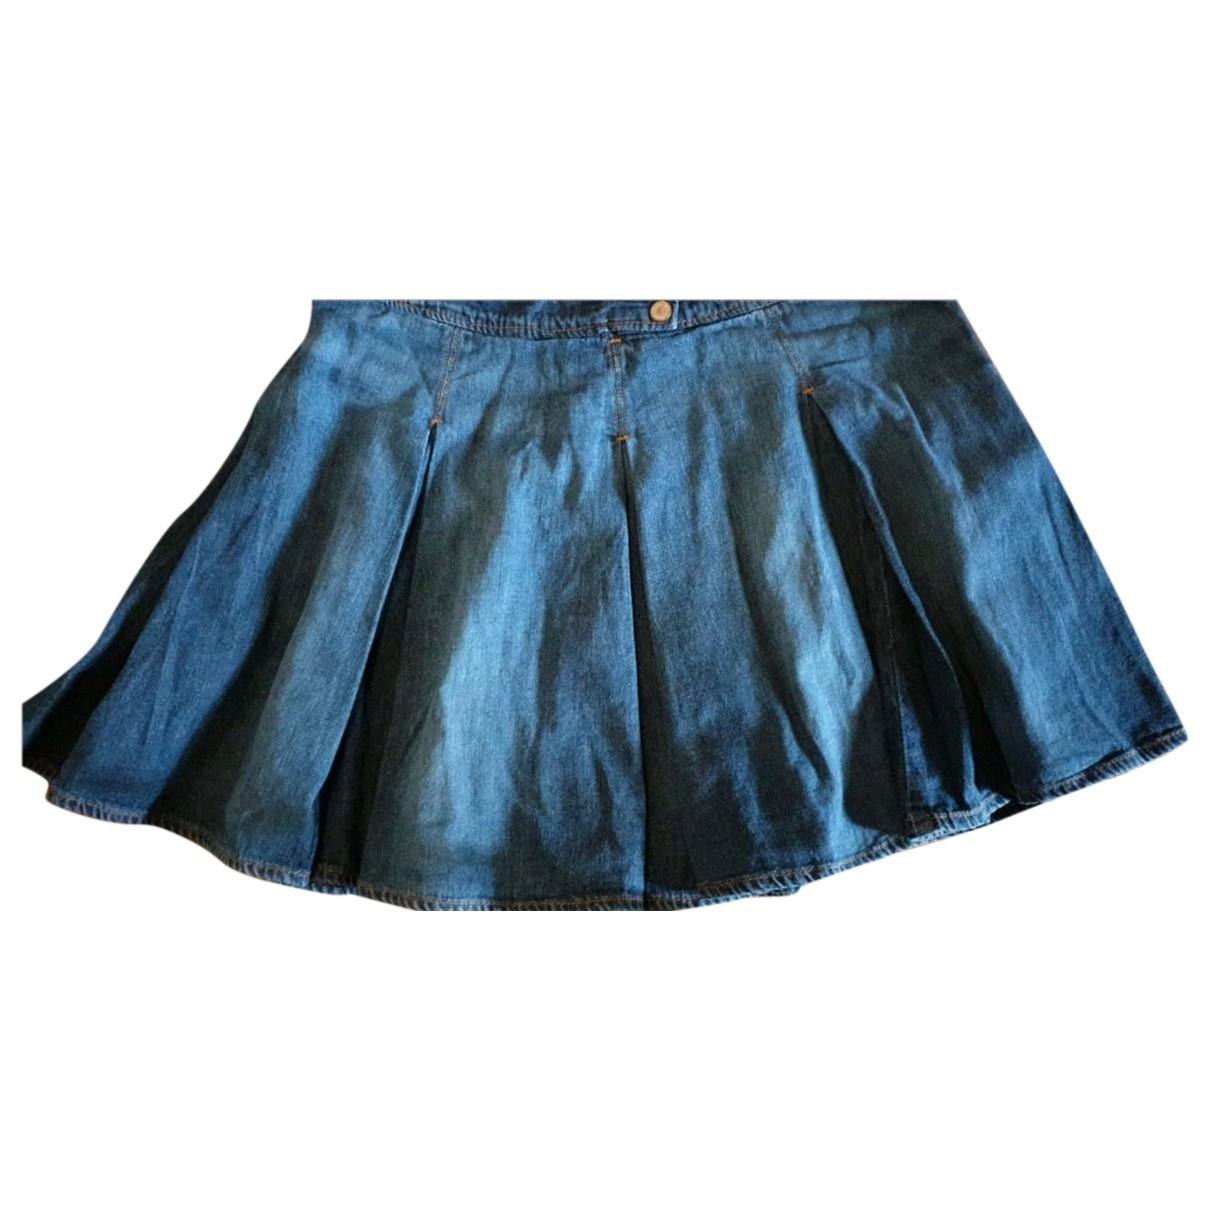 D&g - Jupe   pour enfant en denim - bleu